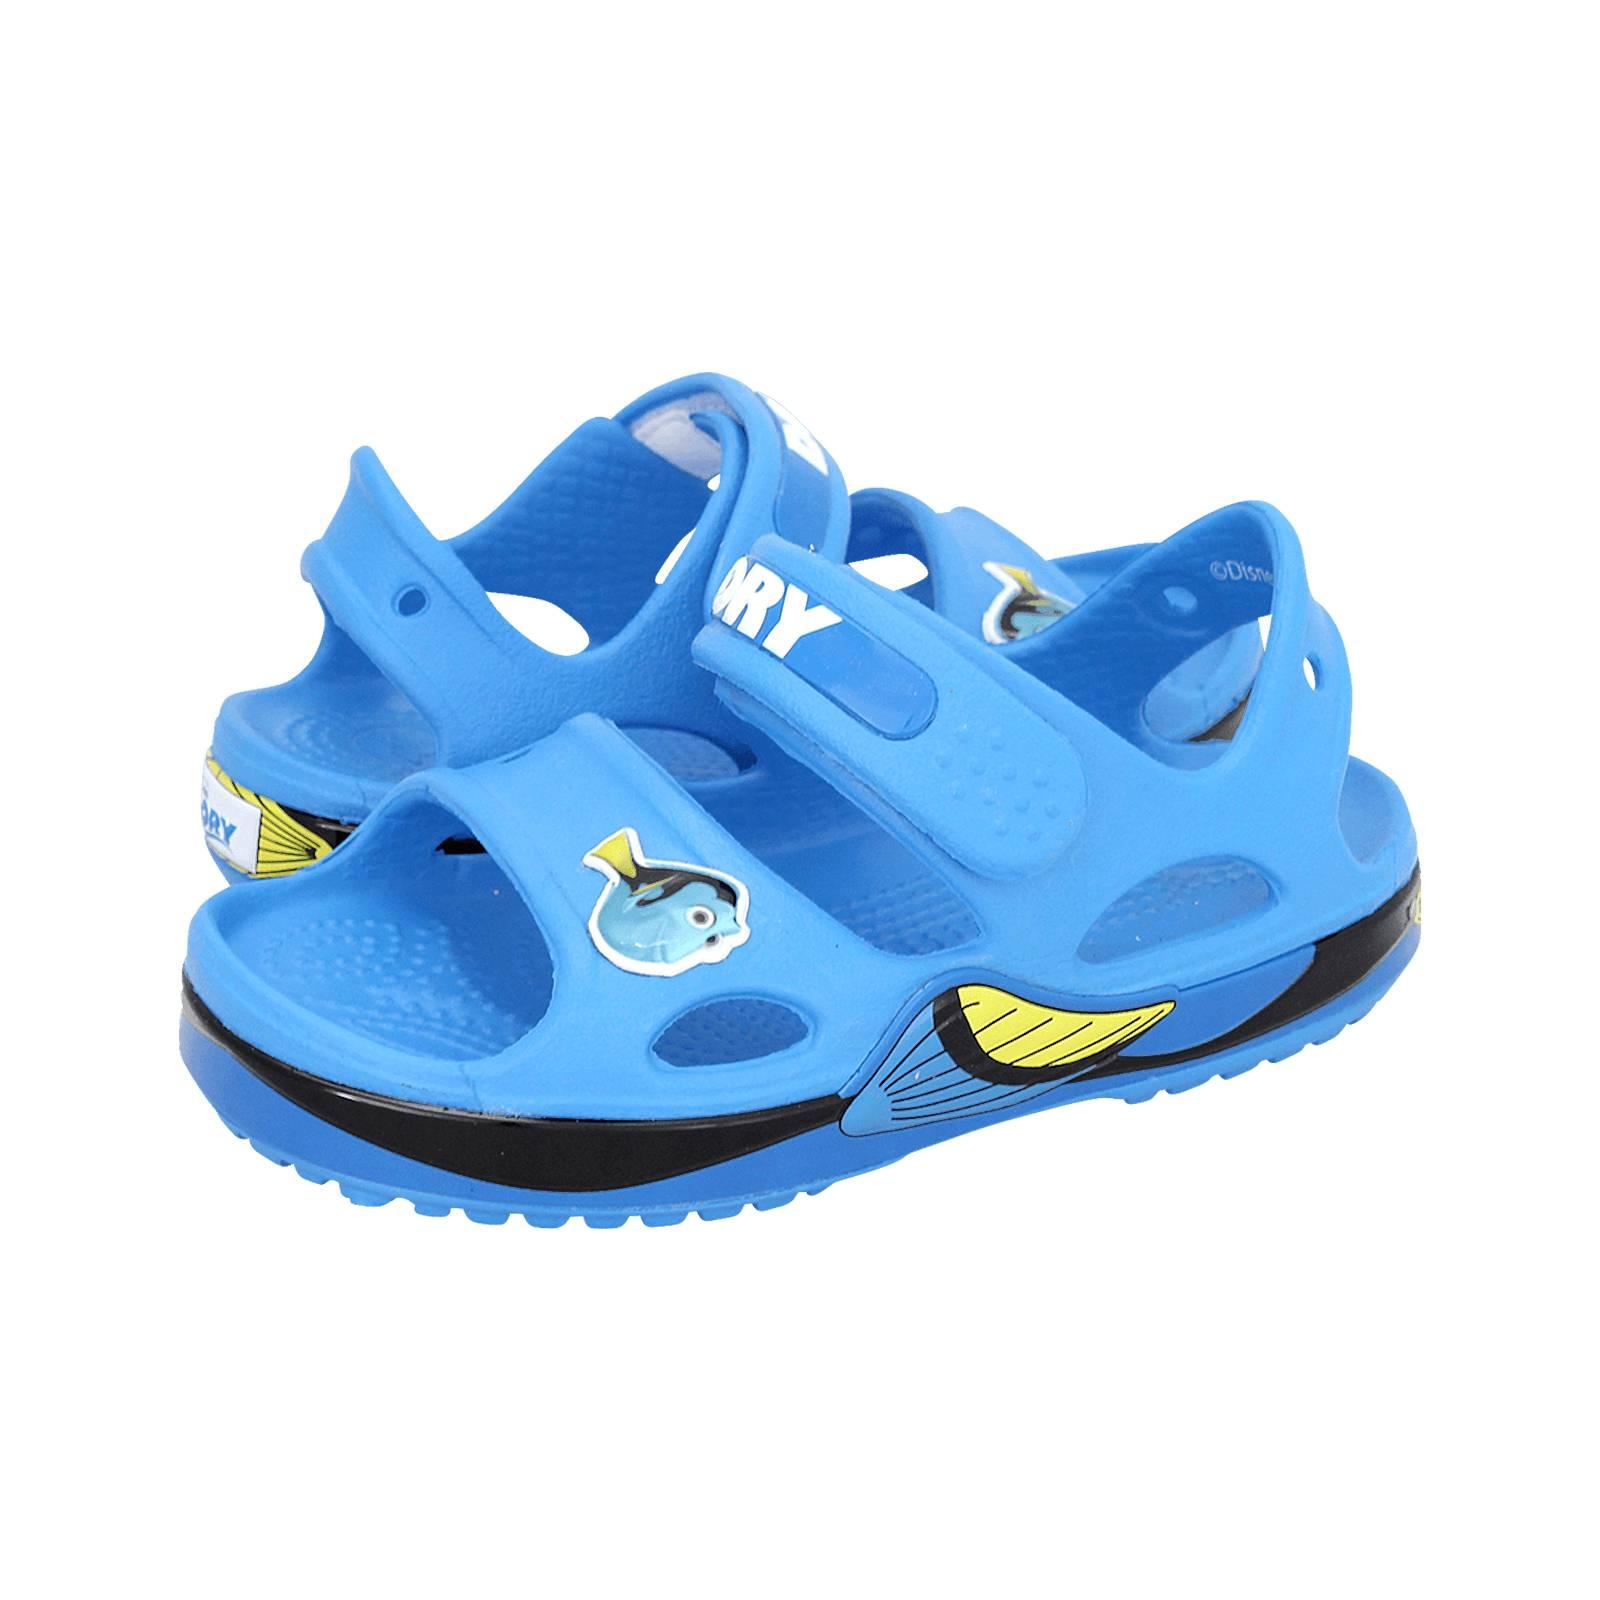 6986f0459854 Crocs Crosband II Finding Dory Sandal kids  sandals. Crosband II Finding  Dory Sandal